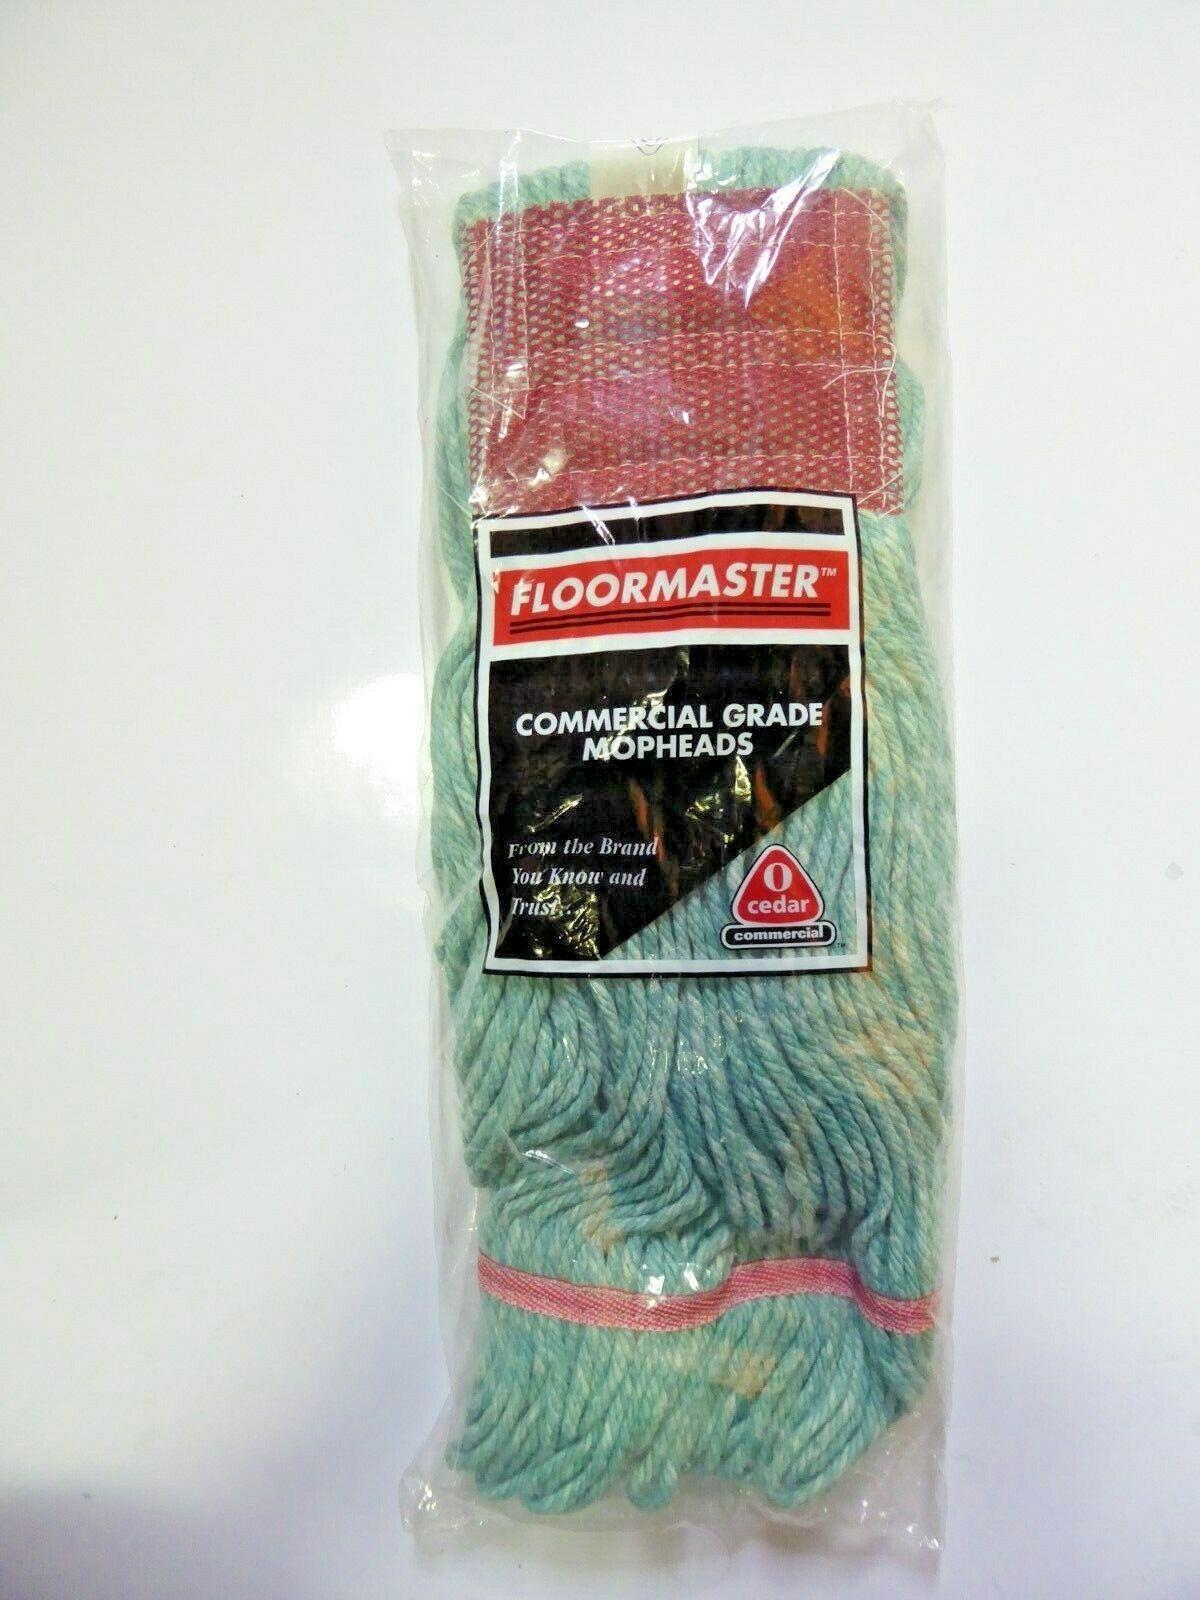 O-Cedar Floormaster 97147 Mophead pack of 3 New